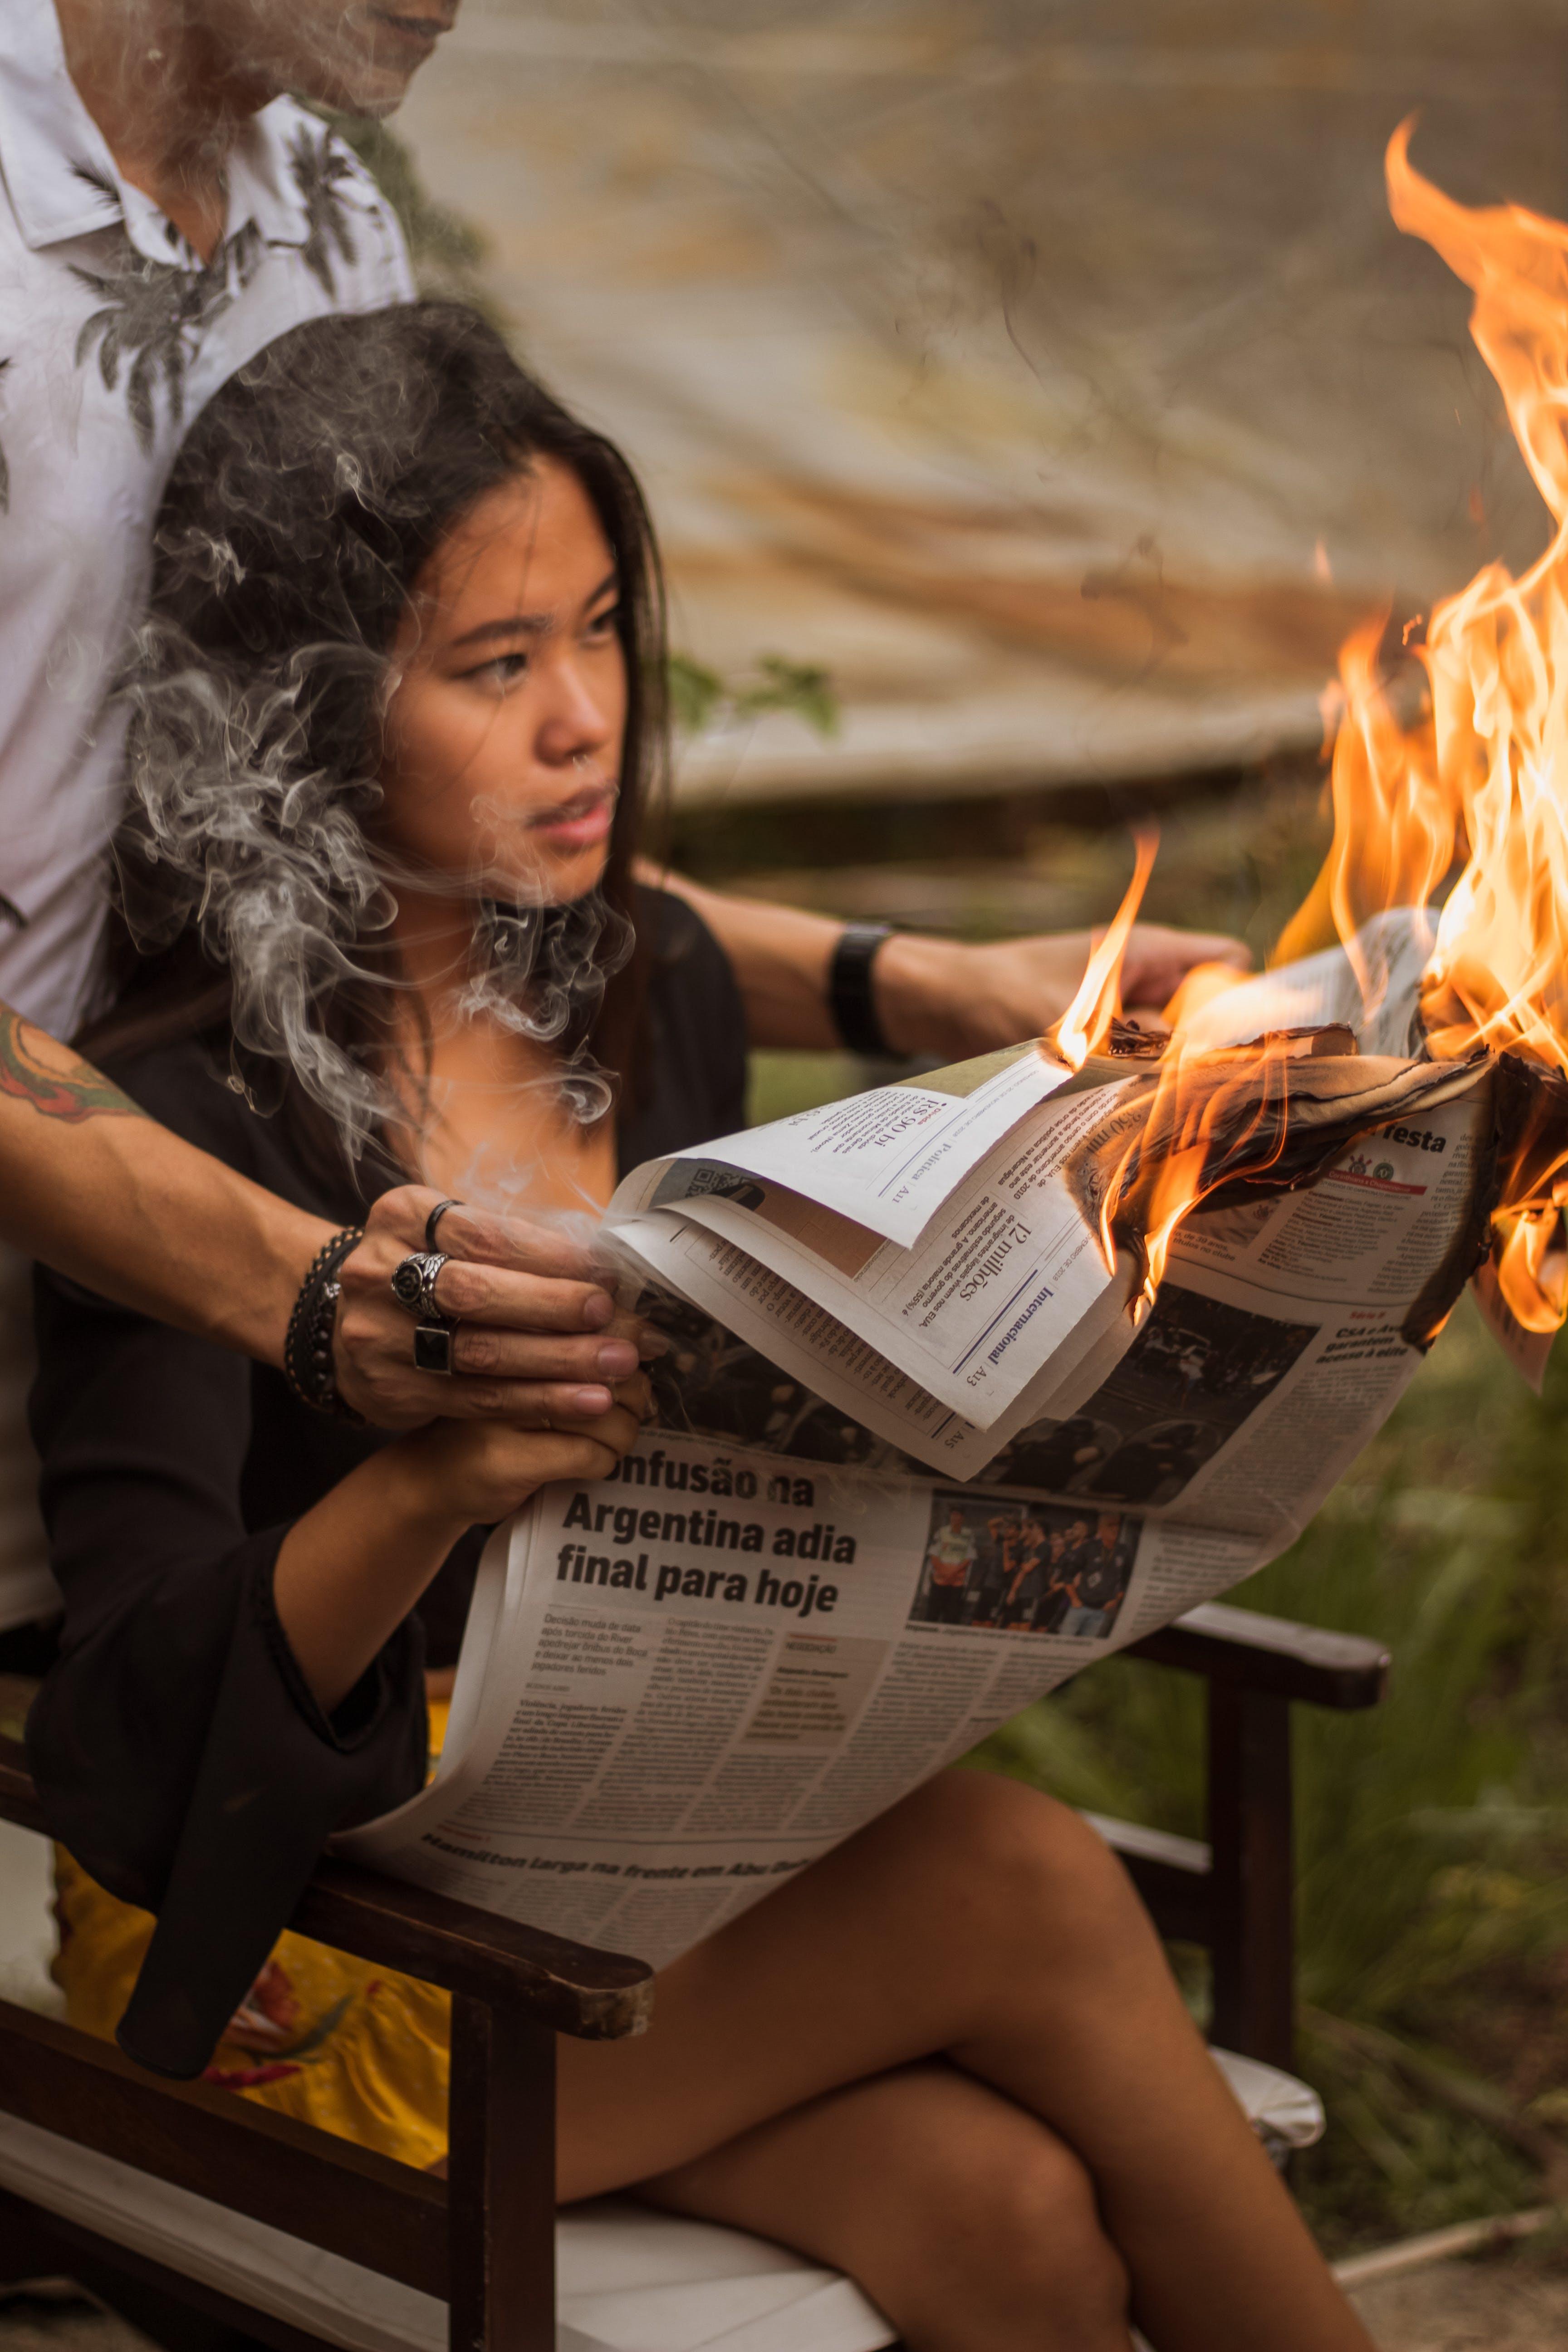 Kostnadsfri bild av brand, brinnande, kvinna, person